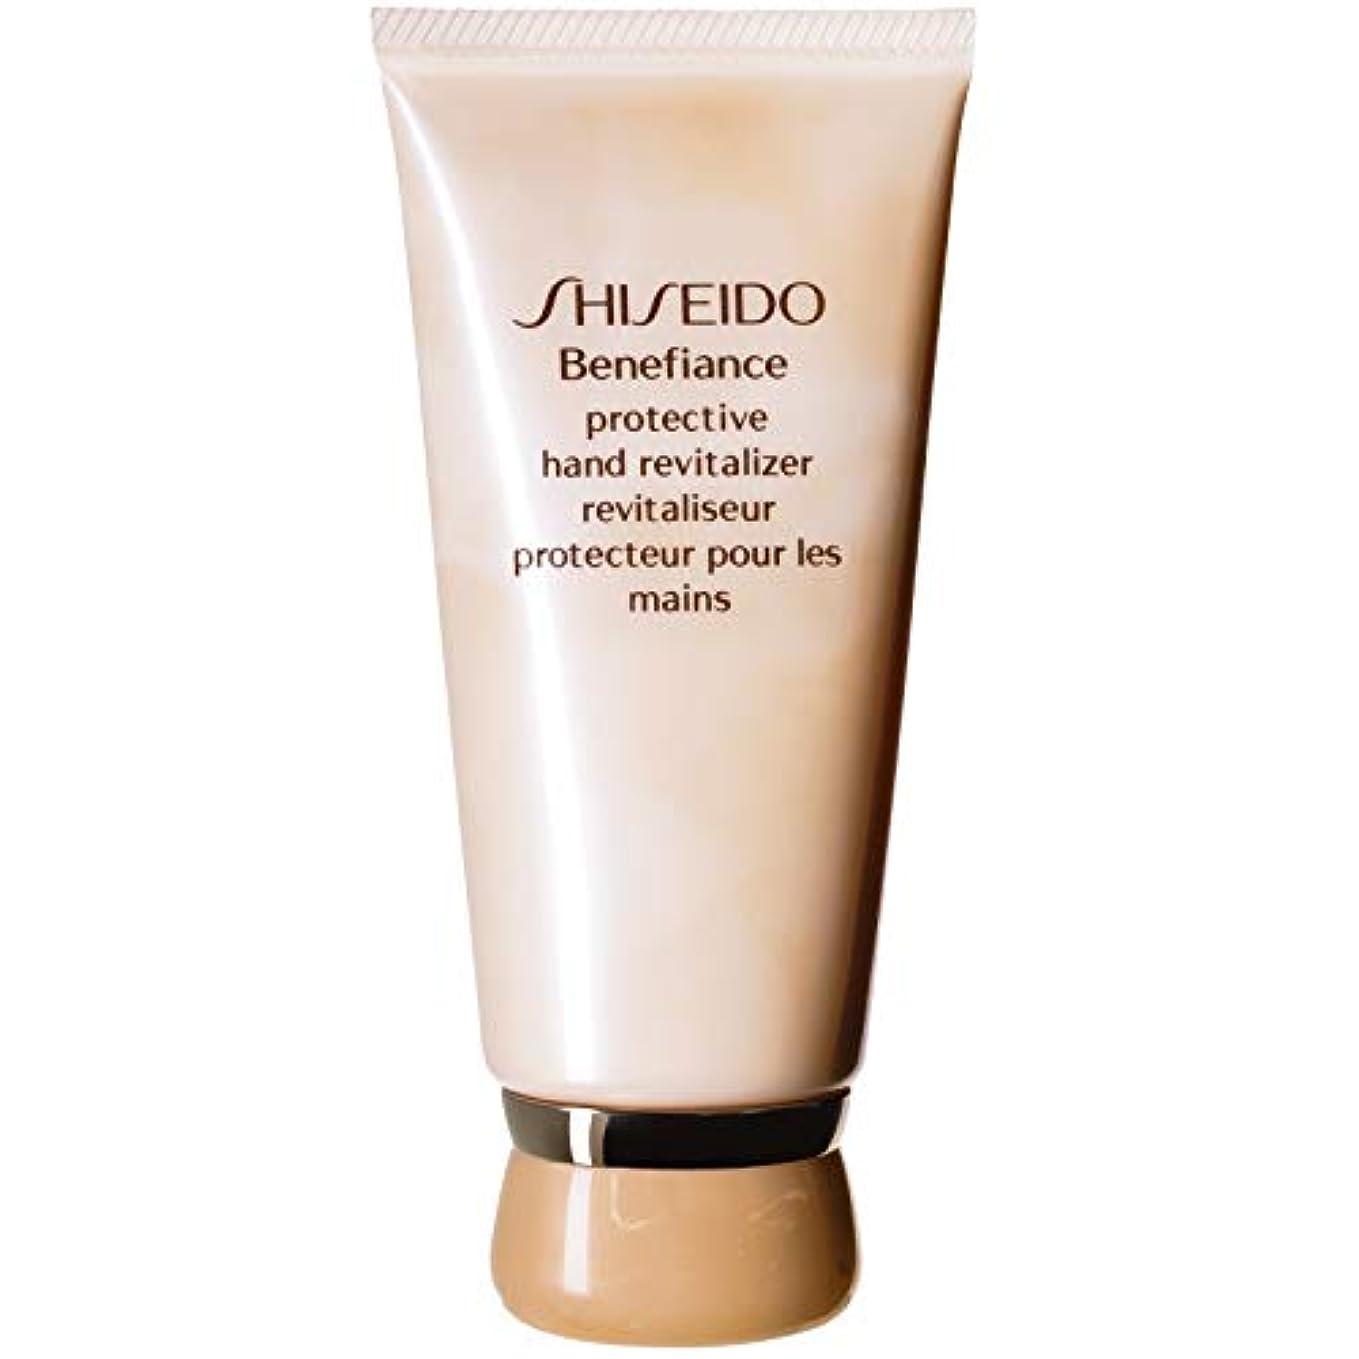 ロゴ北へ灌漑[Shiseido] 資生堂ベネフィアンス保護手の滋養強壮の75ミリリットル - Shiseido Benefiance Protective Hand Revitalizer 75ml [並行輸入品]